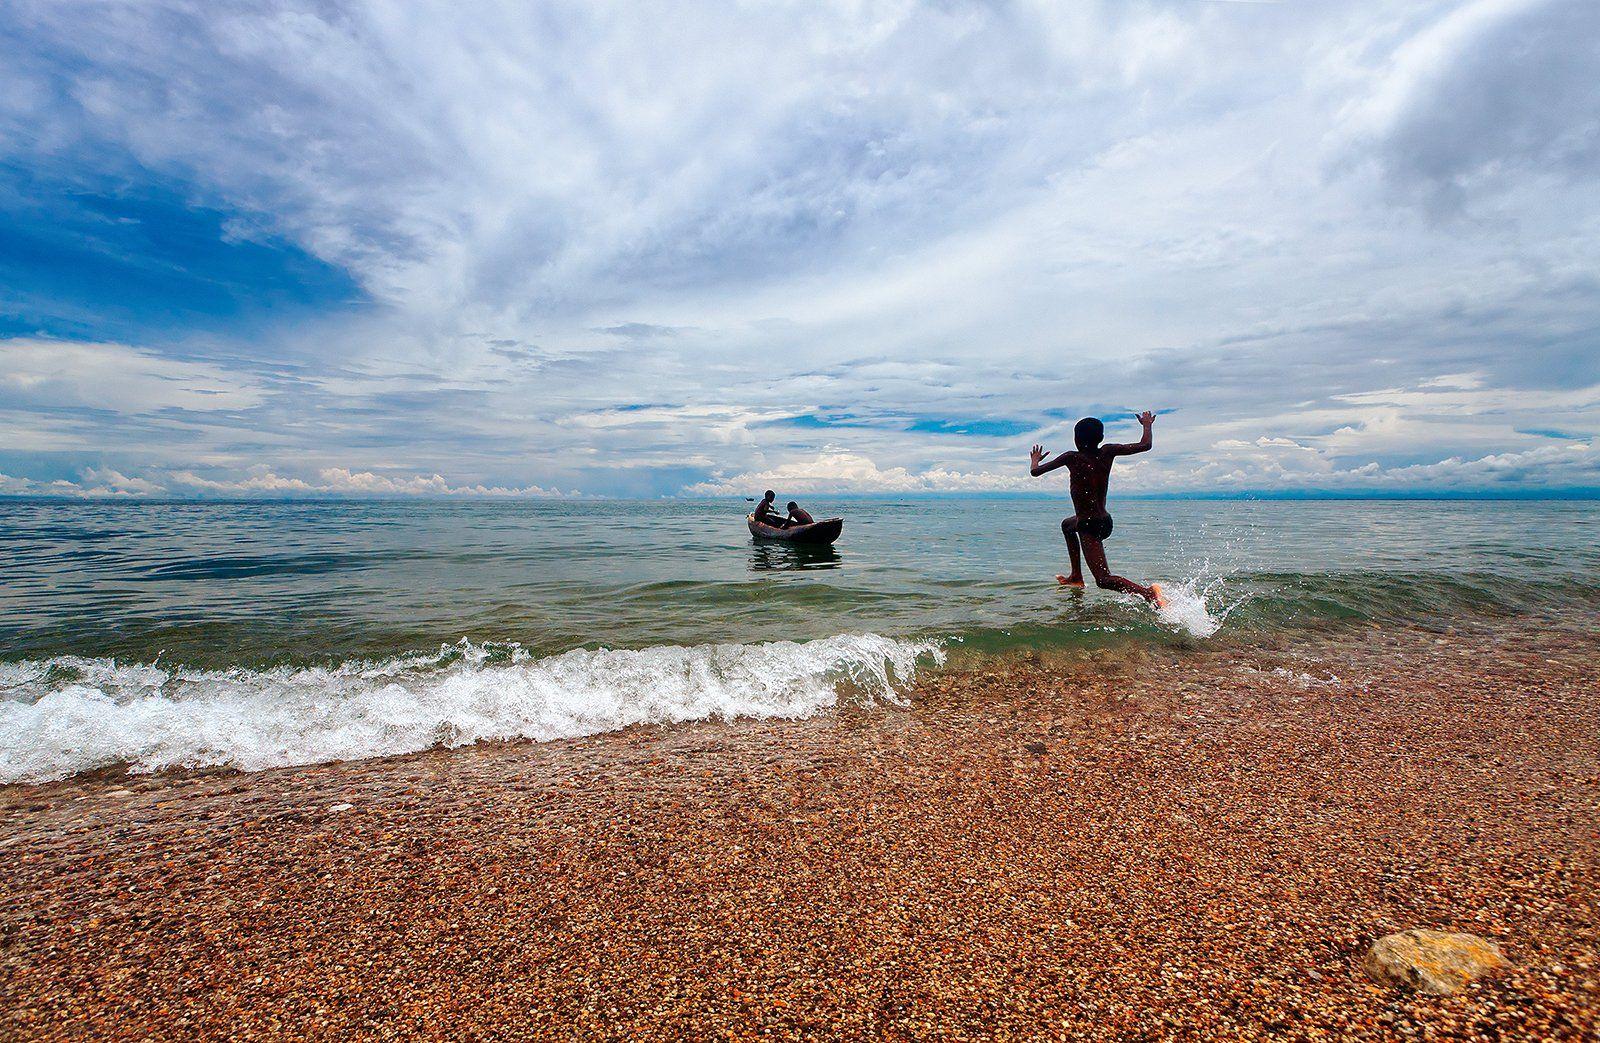 Африка, Танзания, Малави, Ньяса, озеро, простор, дети, лодка, вода, пляж, Бирюков Юрий